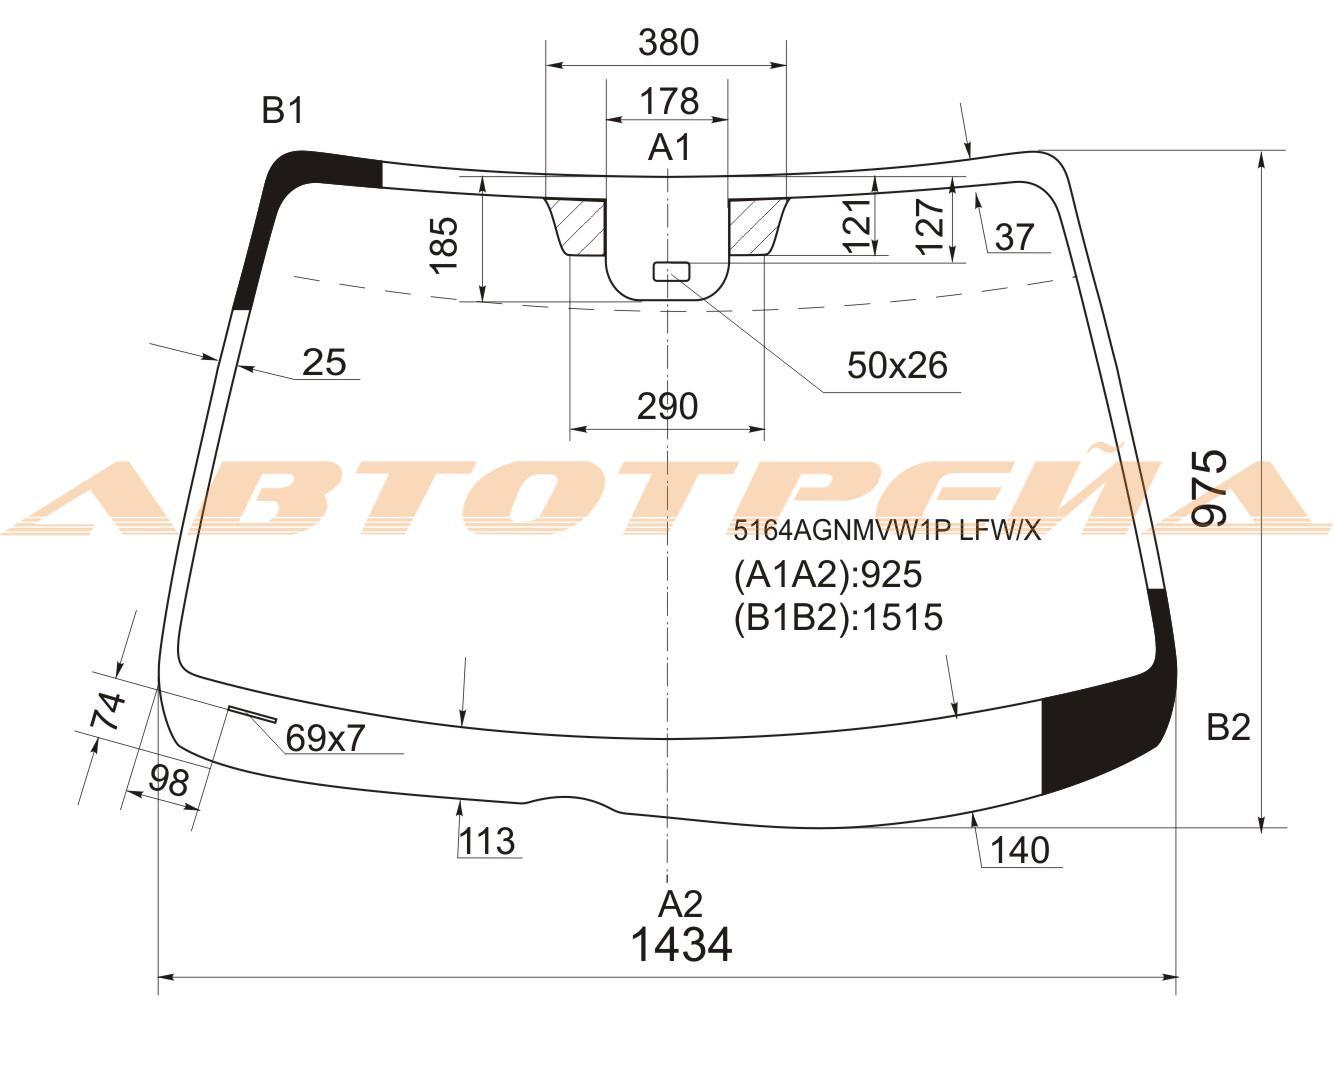 Продажа и замена автостекол Mazda 6 I. Лобовое, боковое, заднее автостекло Mazda 6 I